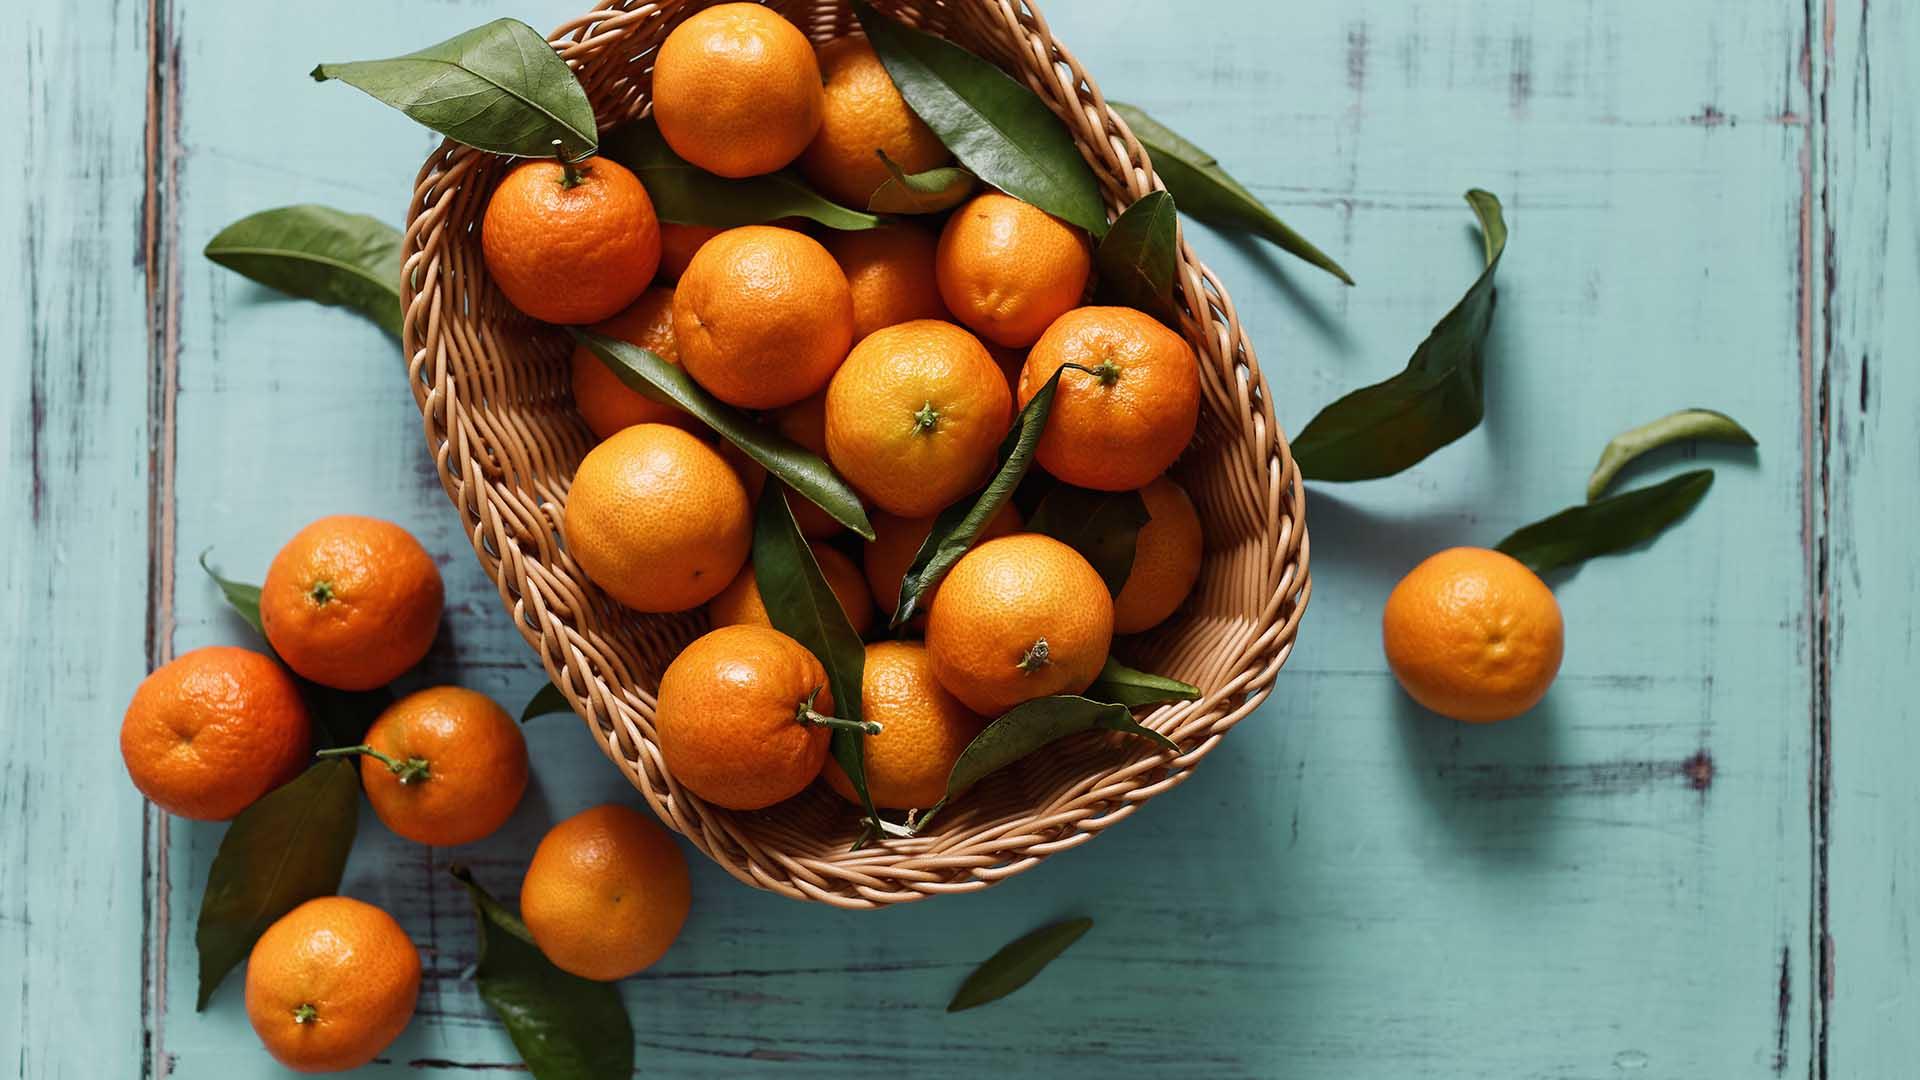 Agrumi elenco completo e lista delle propriet blog di for Elenco alberi da frutto